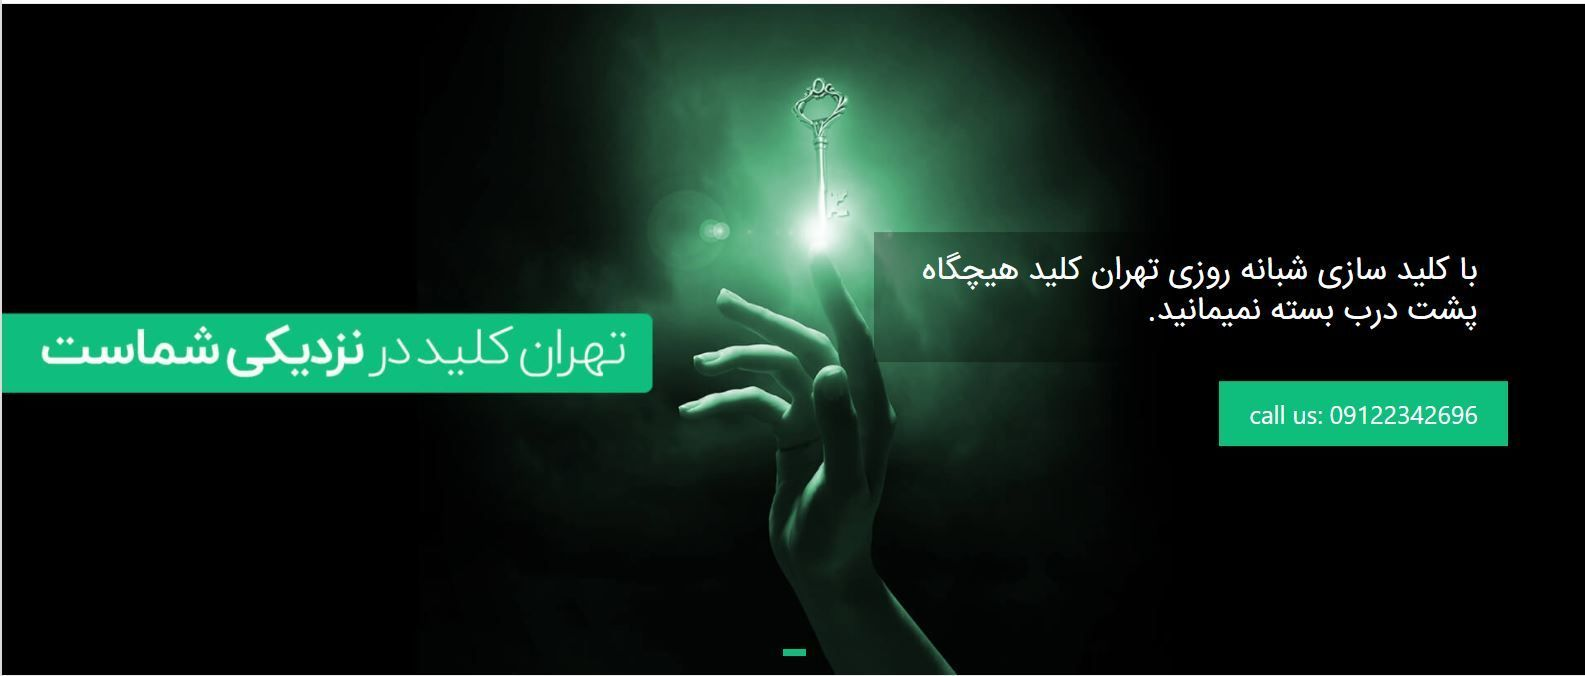 کلید سازی سیار تهران کلید ساخت کلید و سوییچ شبانه روزی